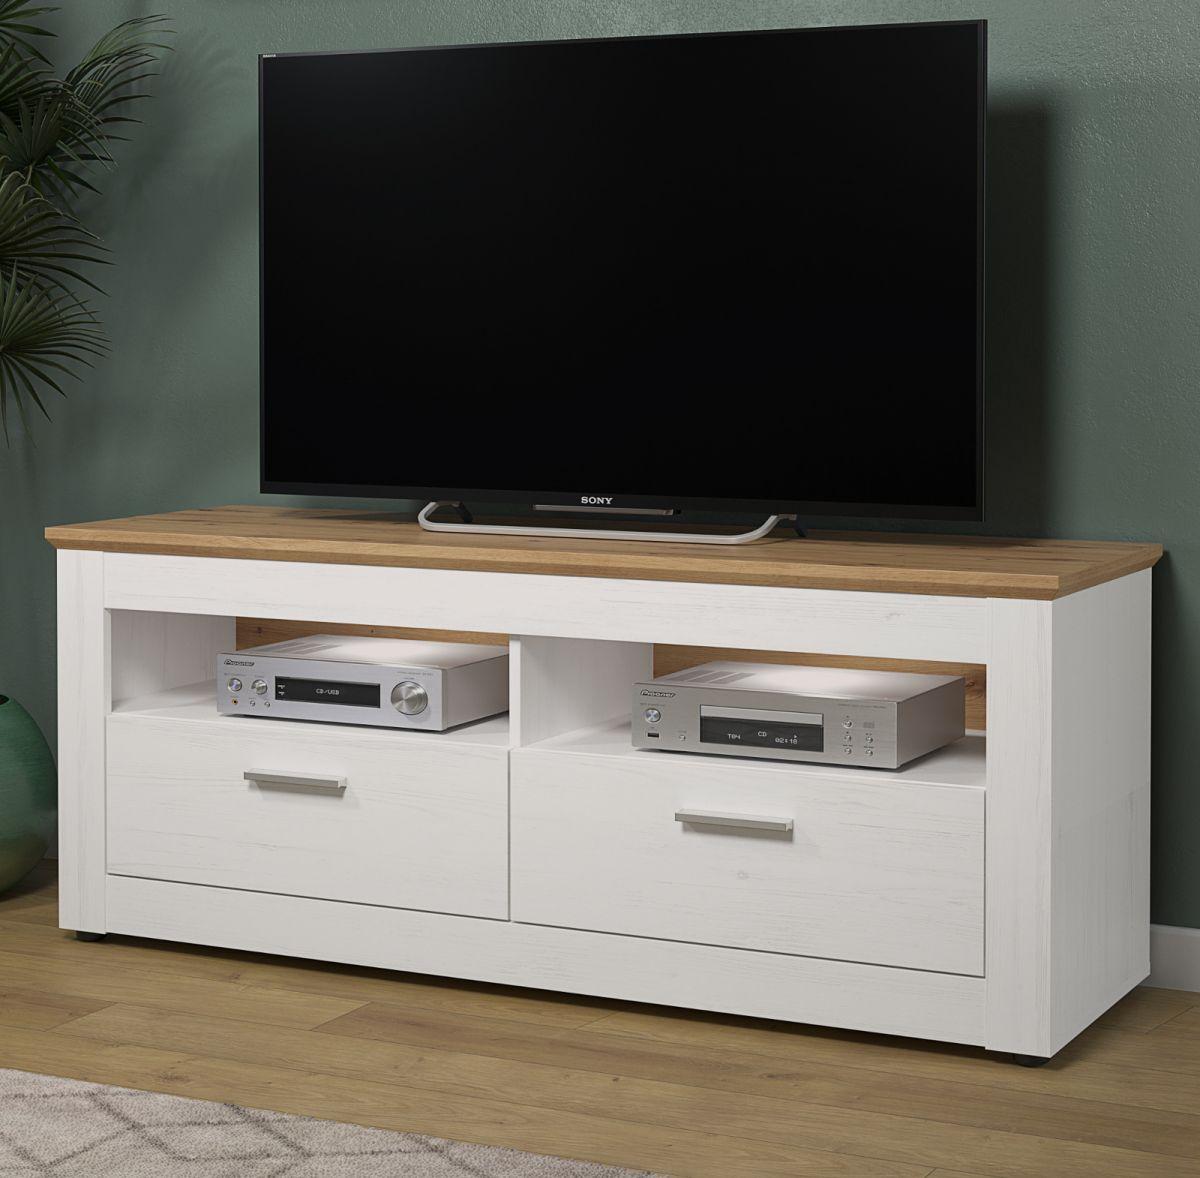 TV-Lowboard Shade in Andersen Pinie weiss und Eiche Artisan Landhaus 148 x 59 cm